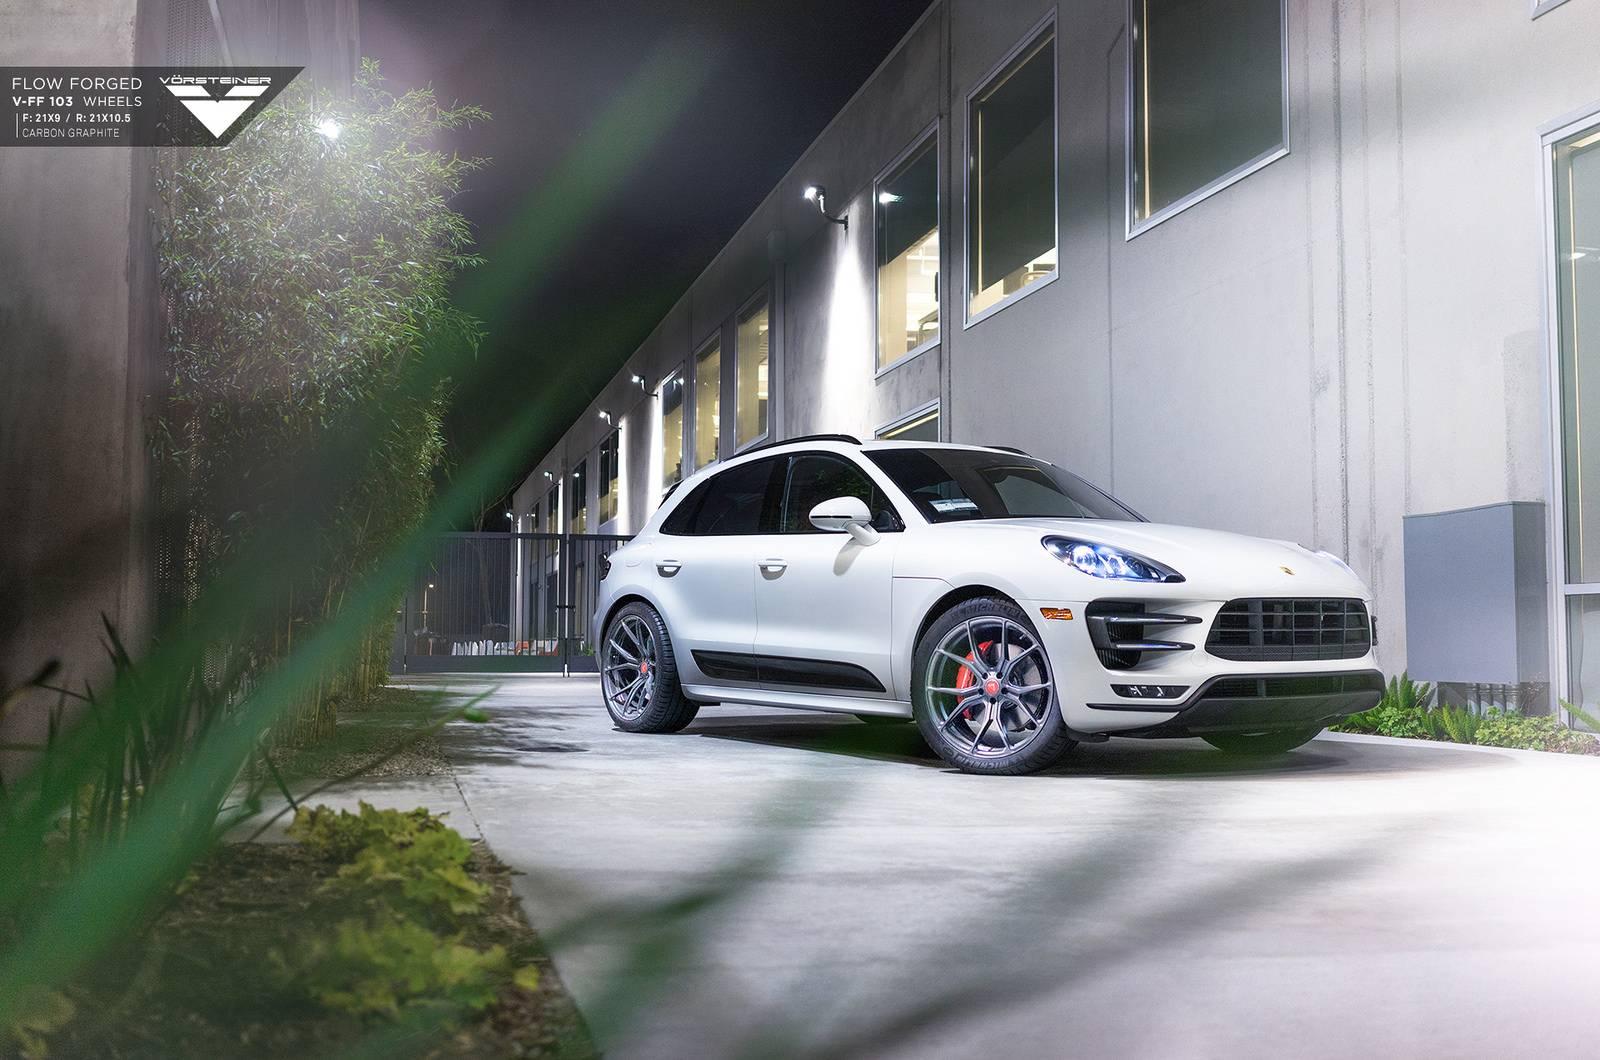 Porsche Macan Turbo Grins With New Vorsteiner Wheels Gtspirit